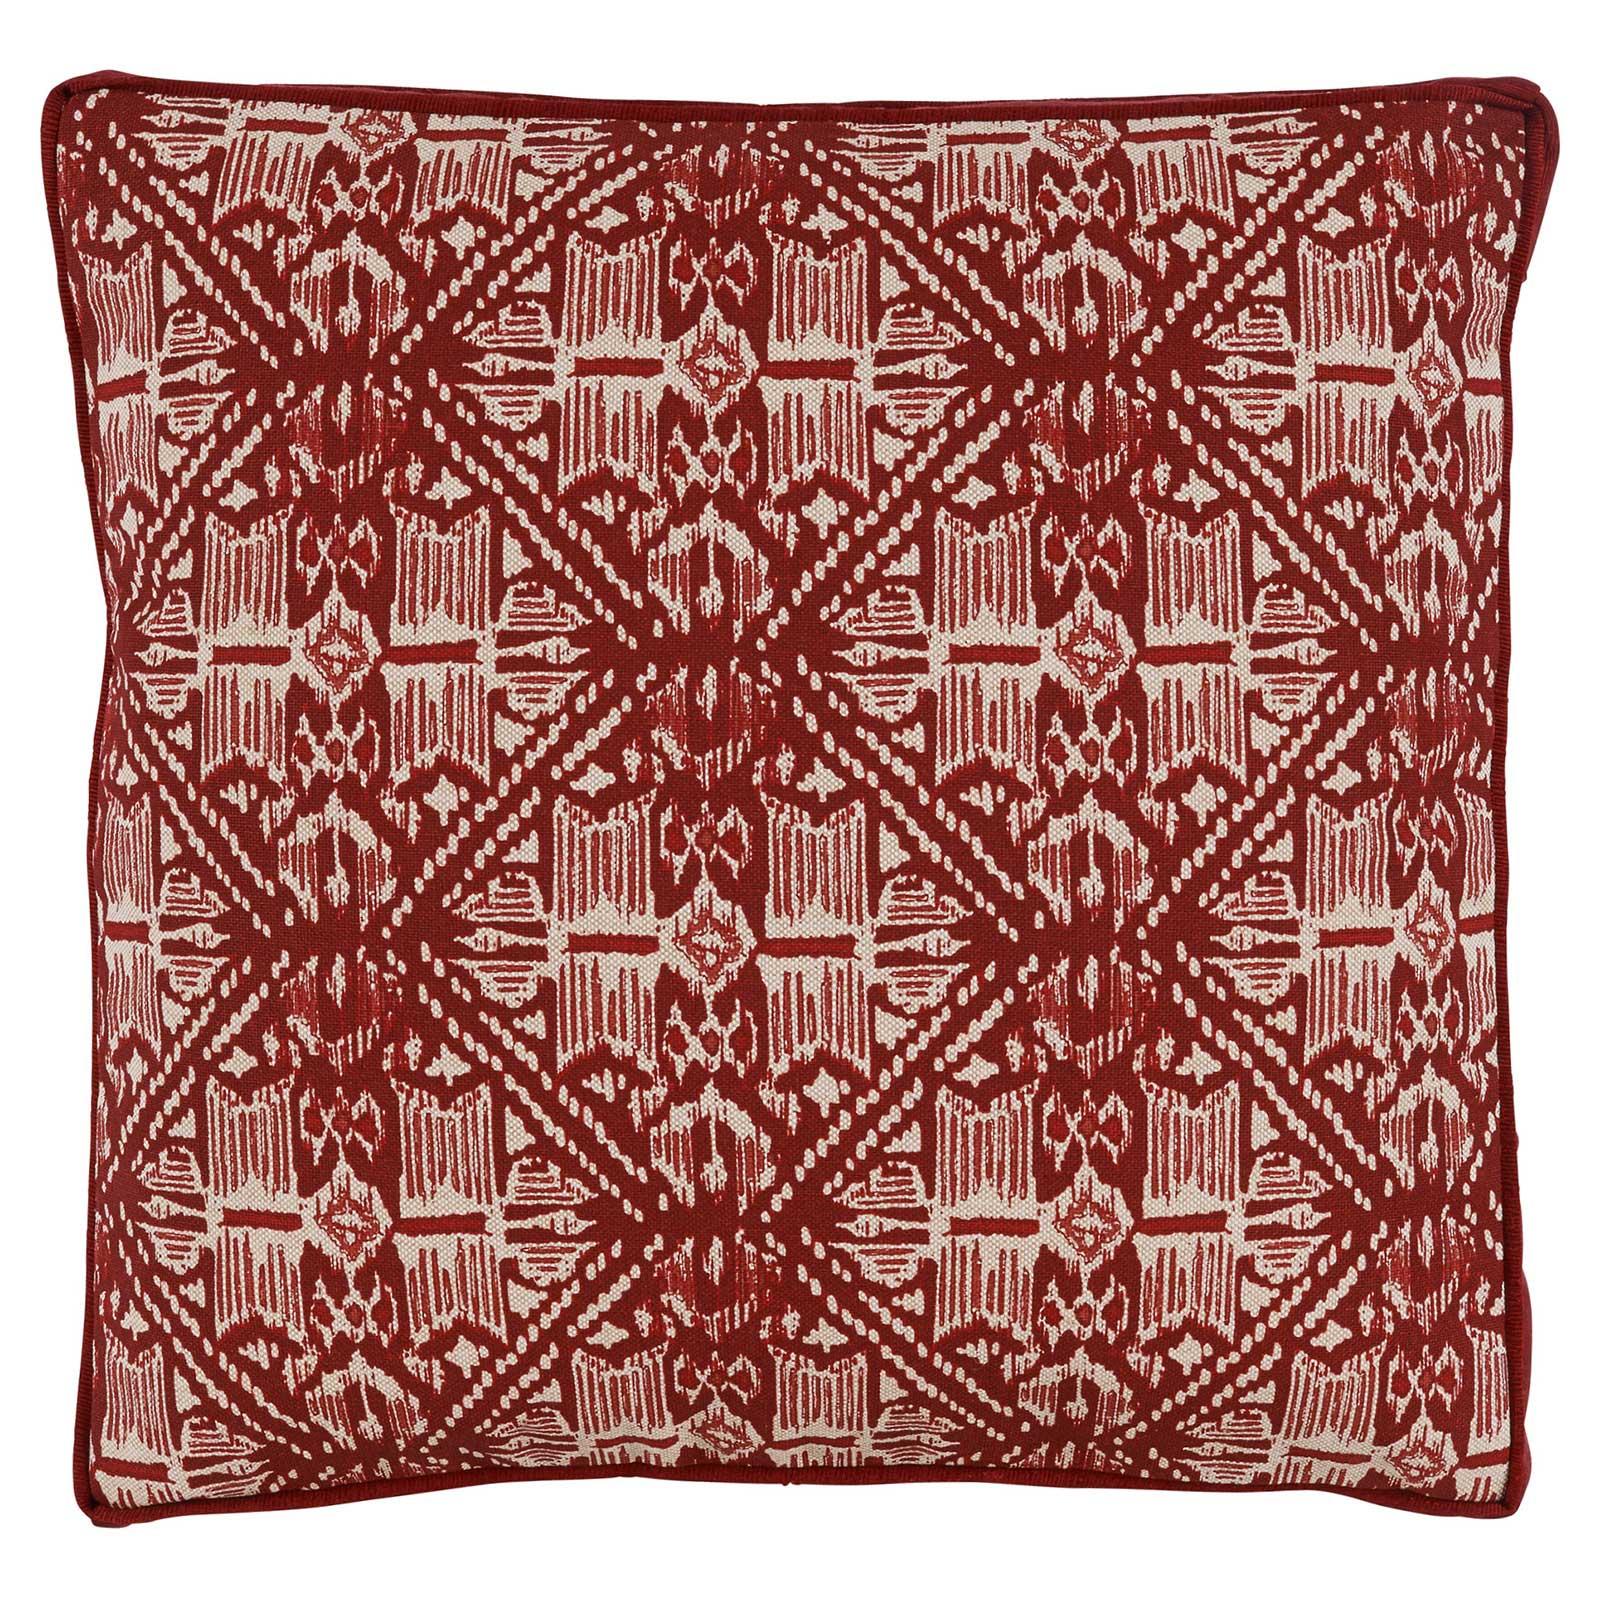 Anji Global Bazaar Rustic Red Batik Prism Pillow - 22x22